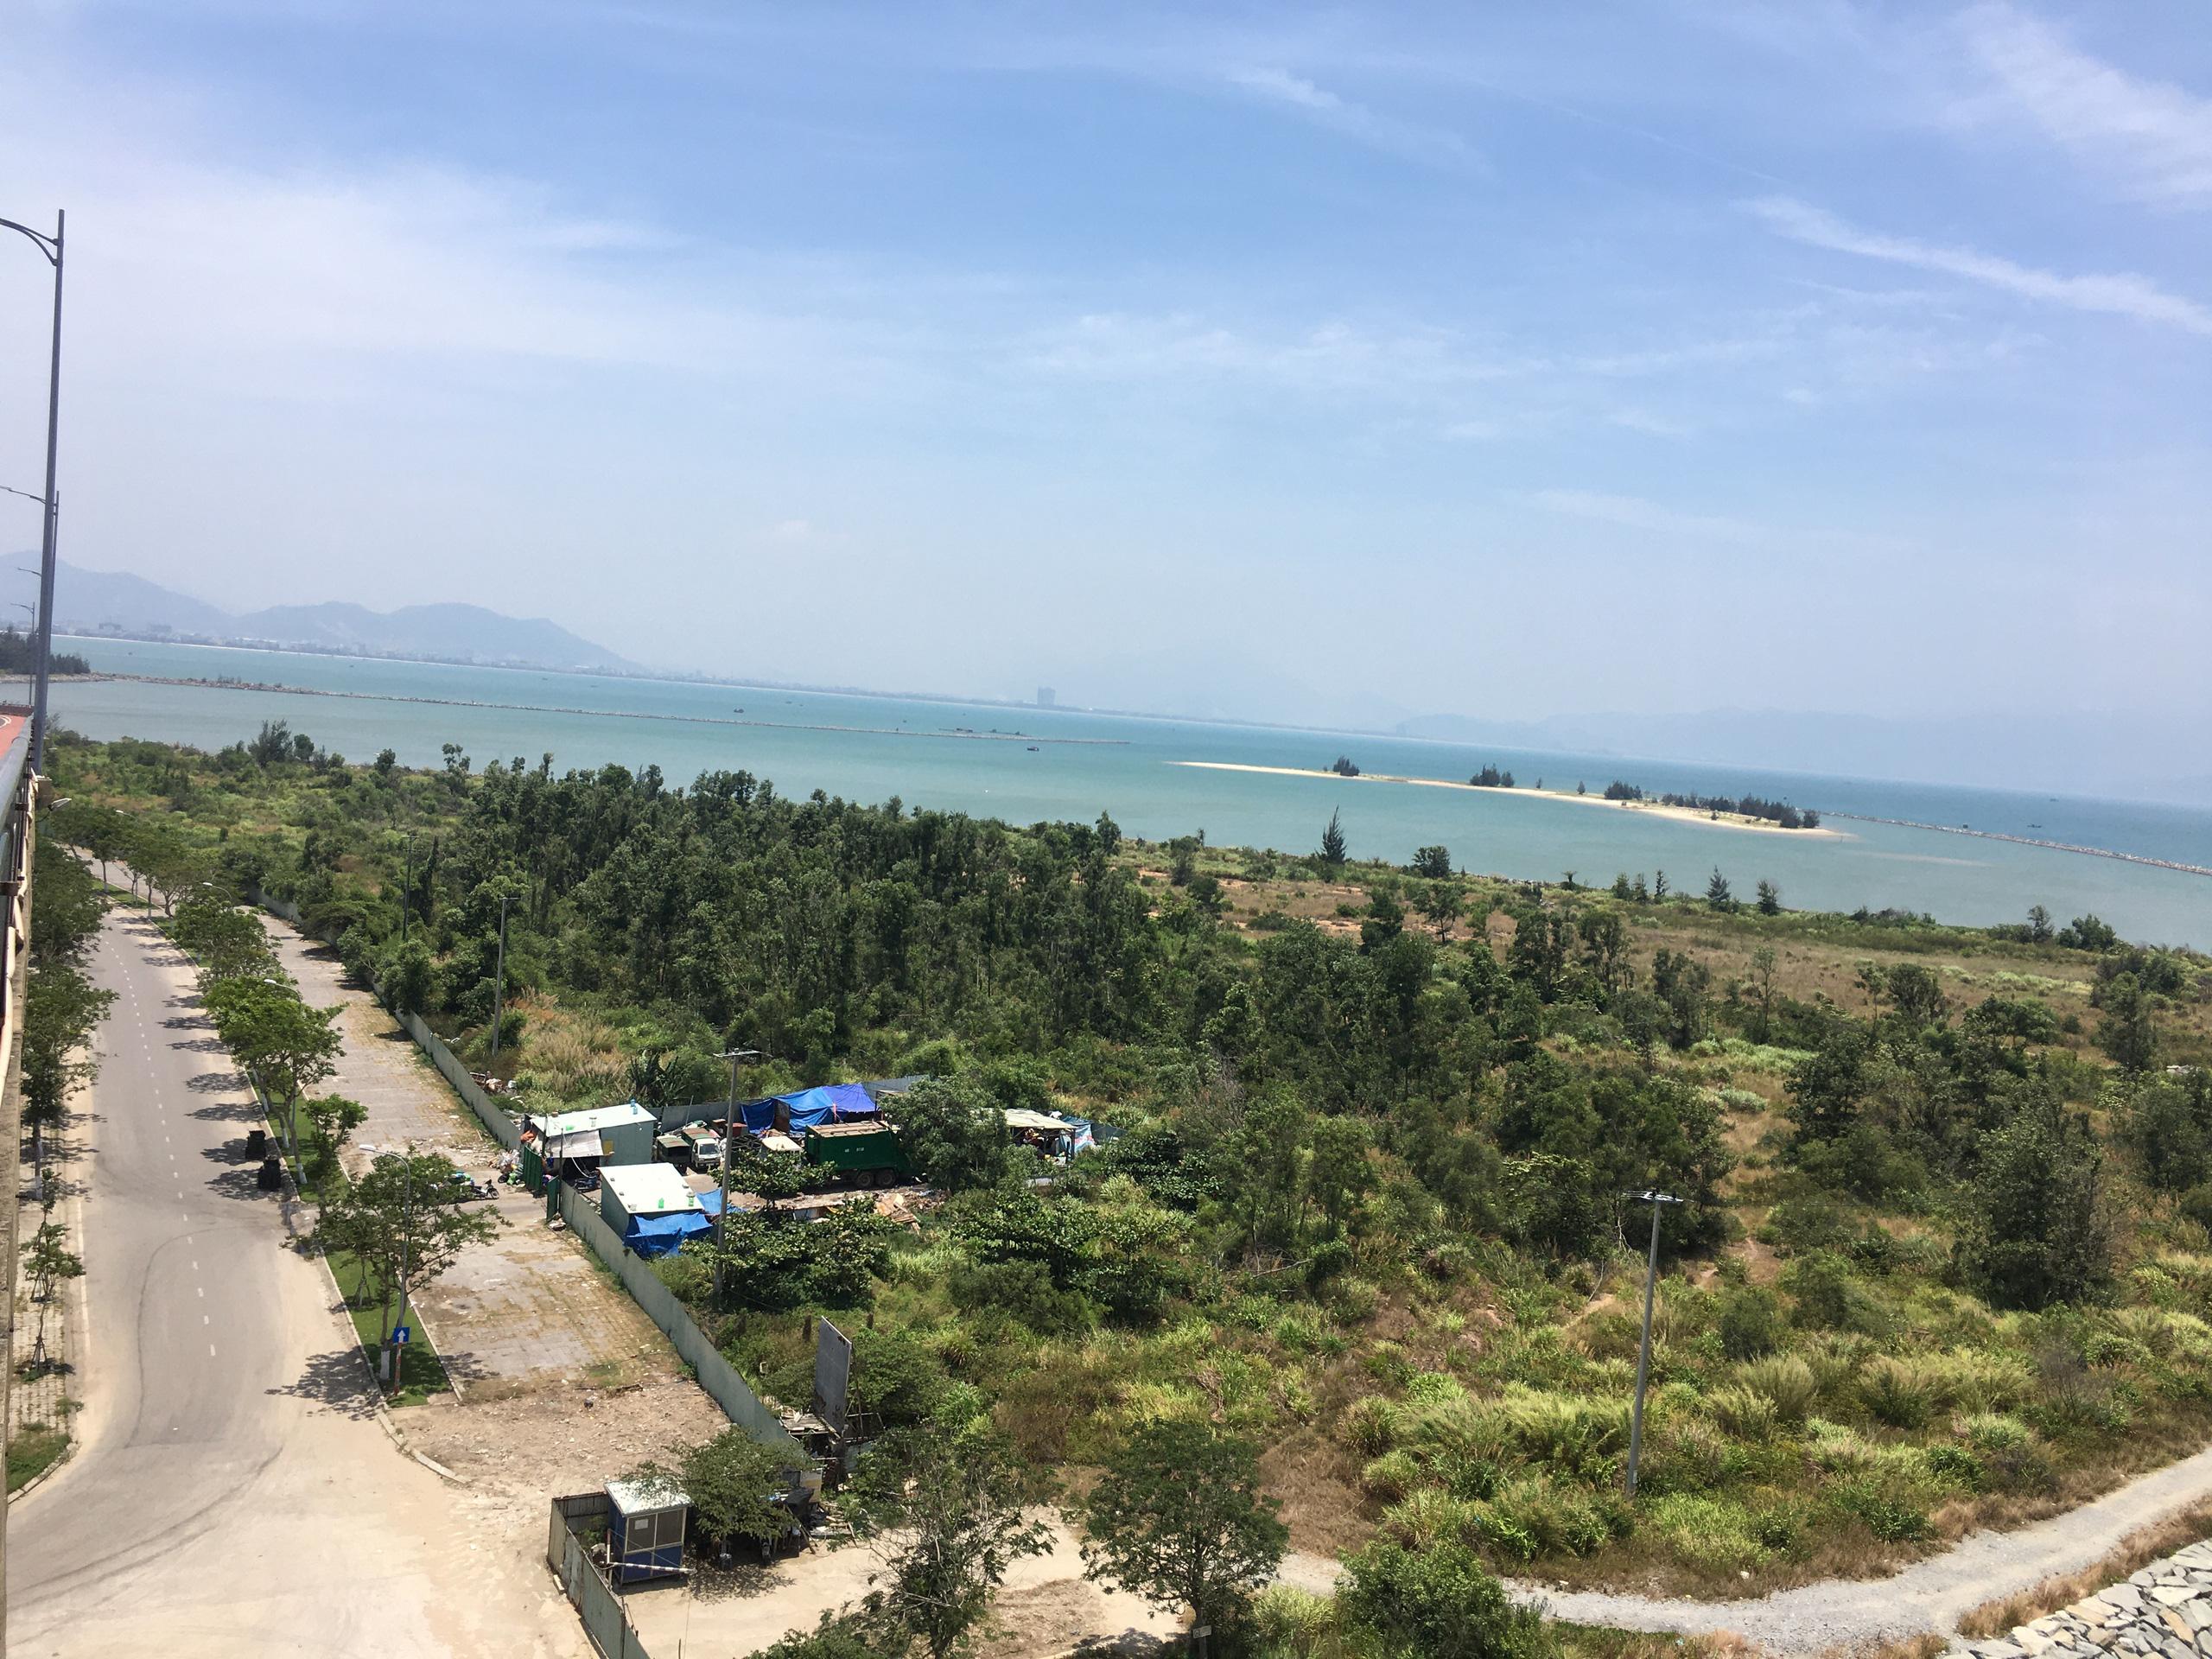 Vị trí khu đất Đà Nẵng dự kiến làm Dự án nhà hát thành phố - Ảnh 6.